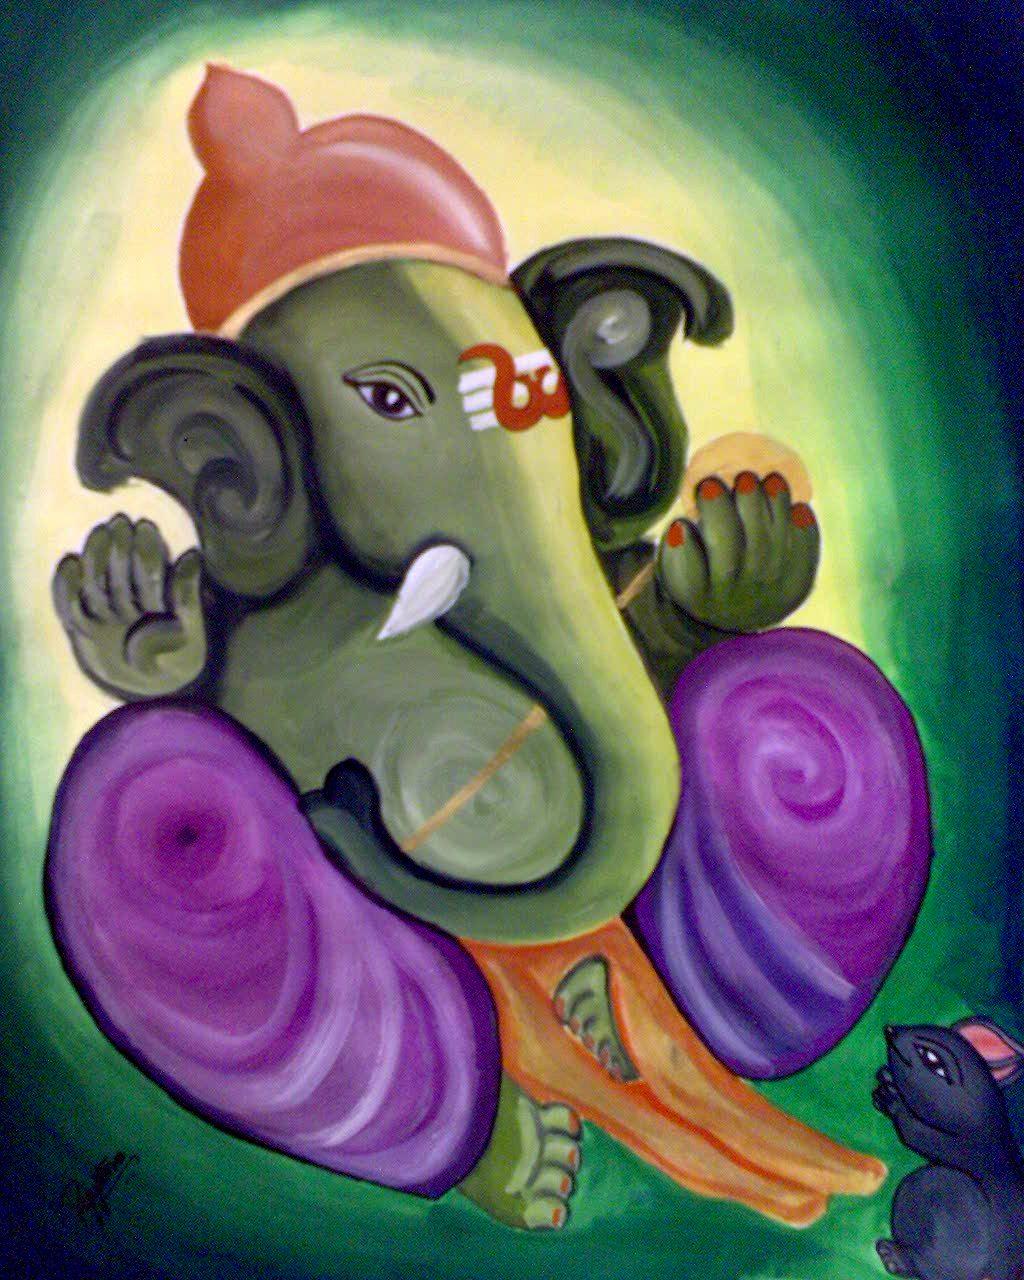 http://4.bp.blogspot.com/-WTTLoxNQnI4/TctQTxSXDII/AAAAAAAAACI/7bl40_SmV6o/s1600/ganesh-wallpaper-4.jpg